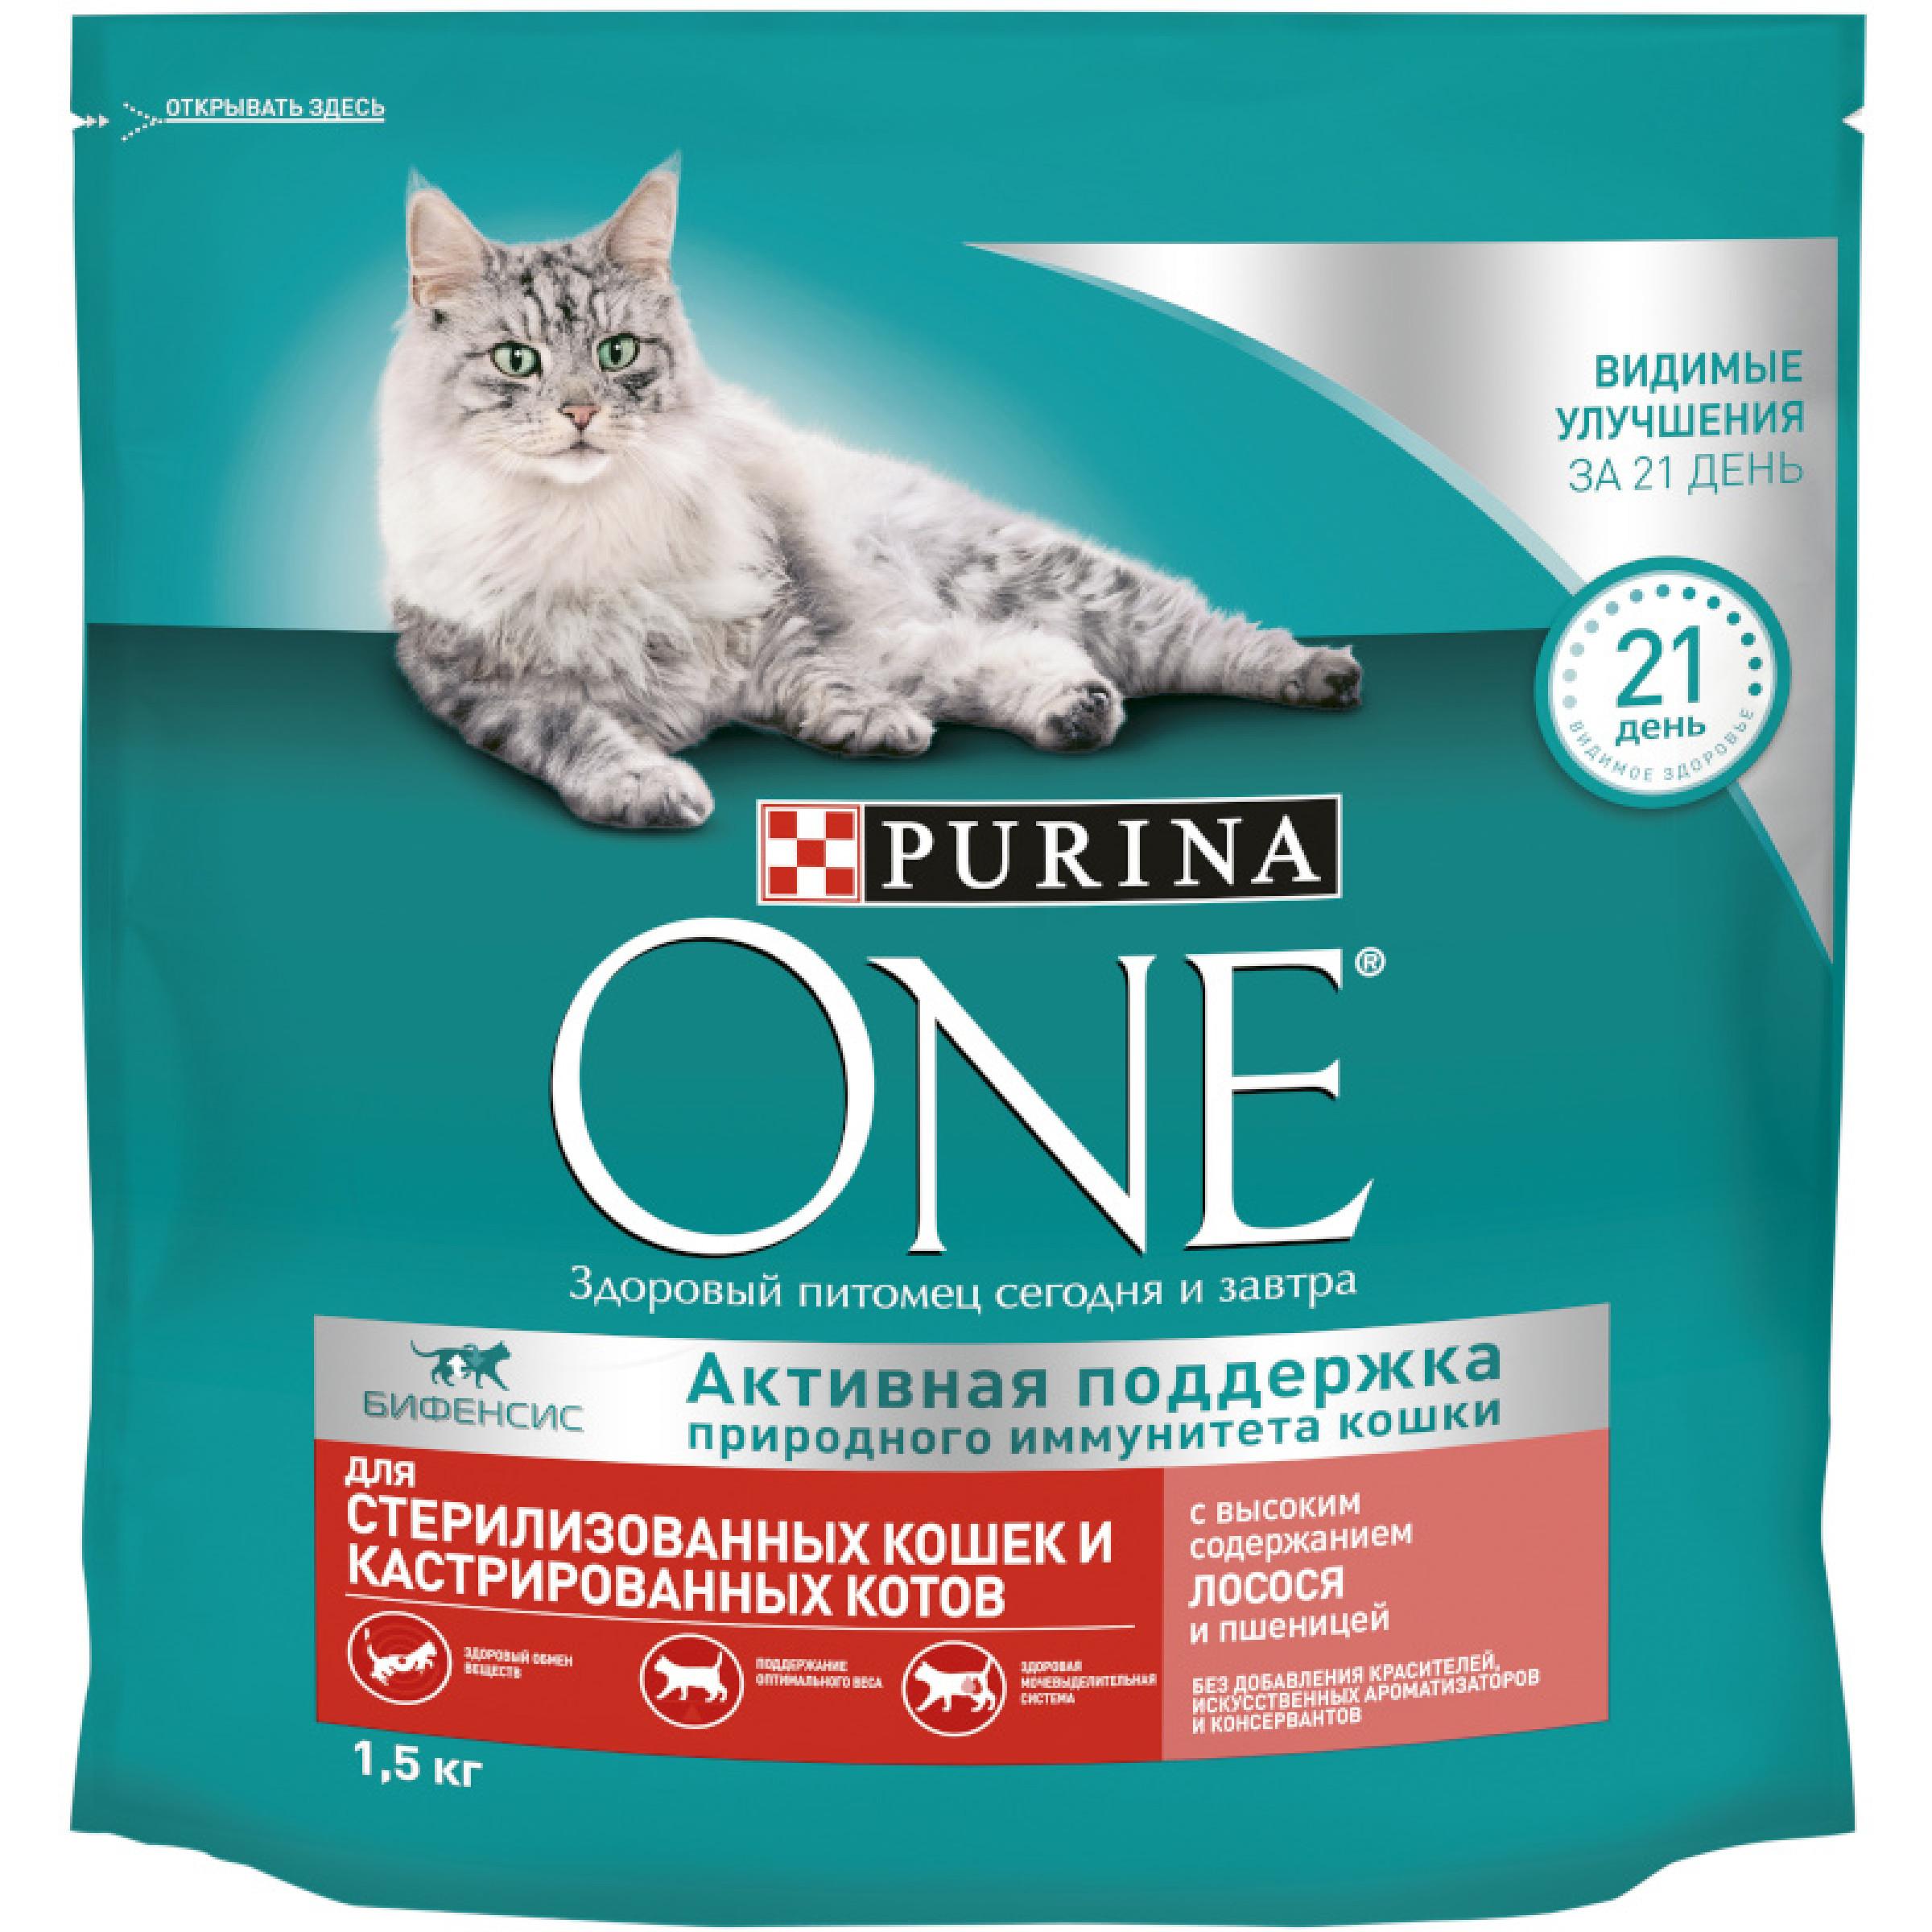 Сухой корм Purina ONE для стерилизованных кошек с лососем и пшен